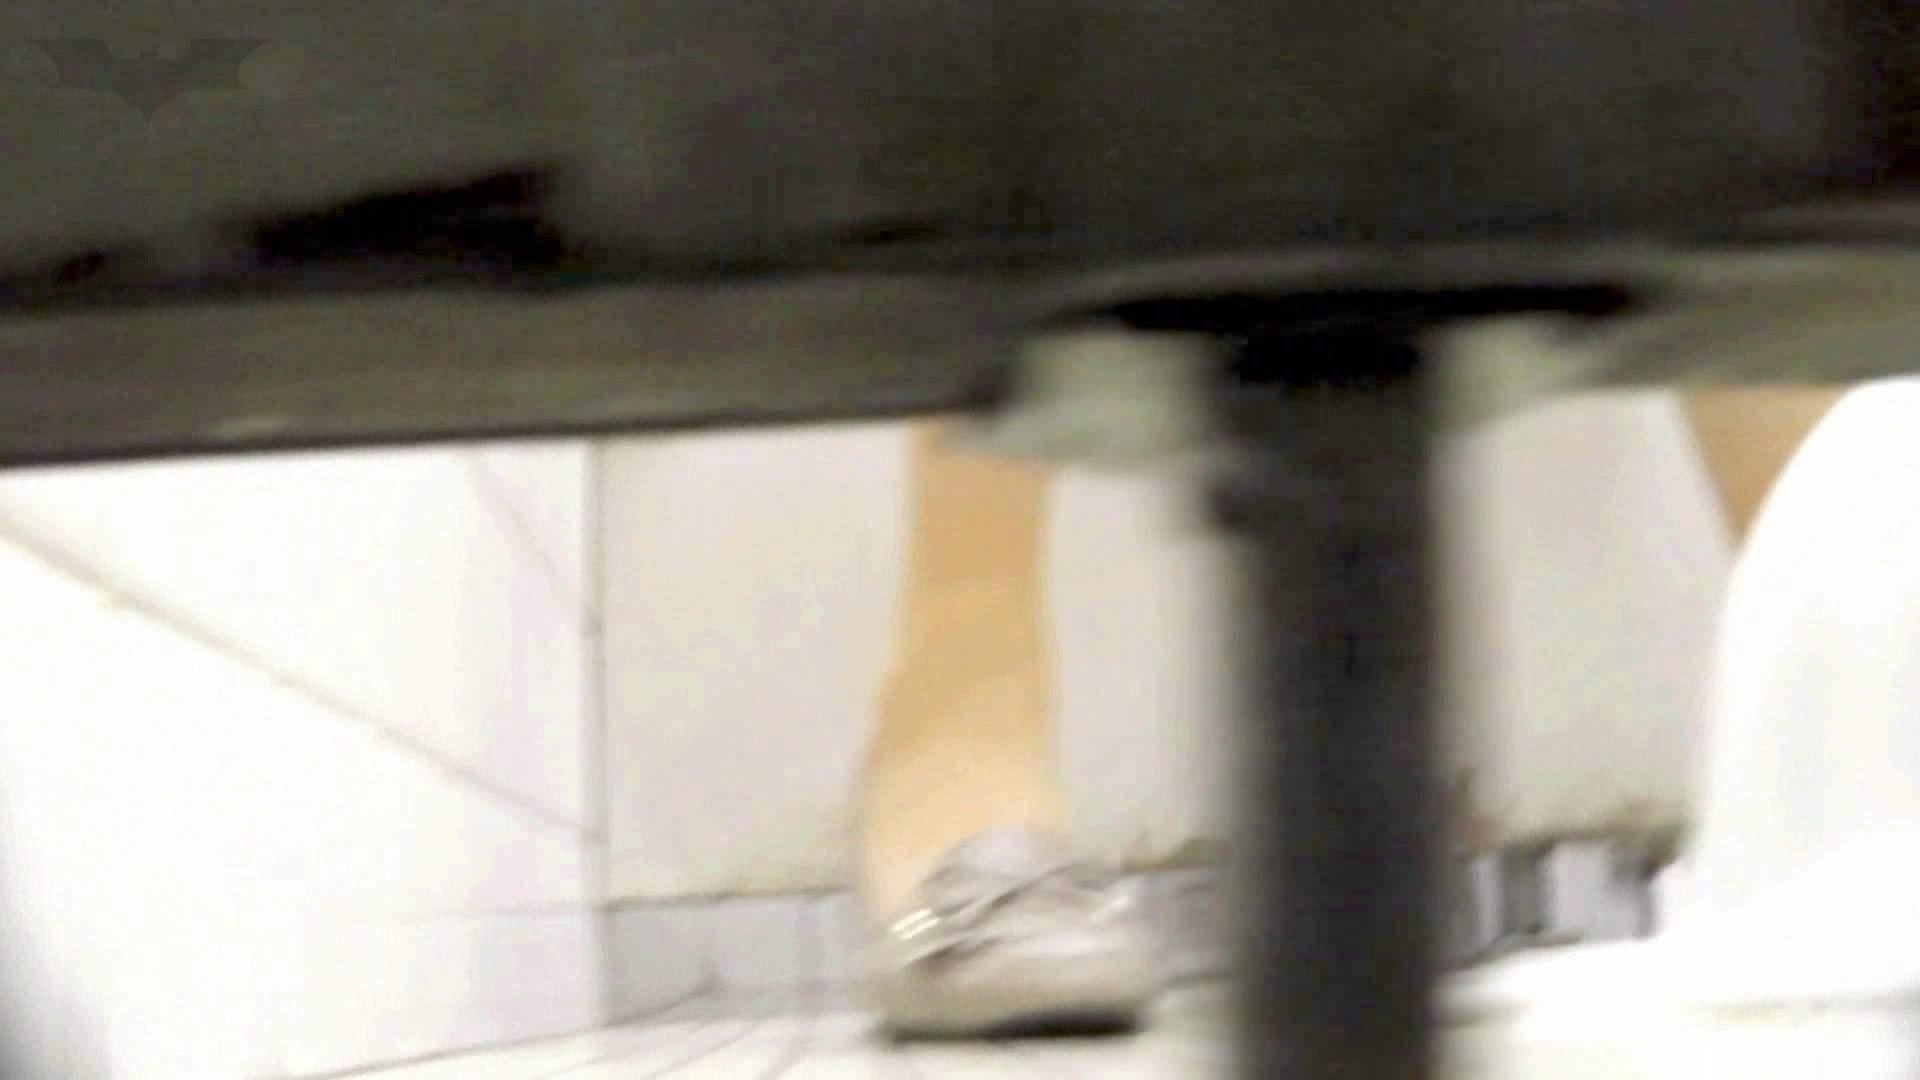 洗面所特攻隊 vol.74 last 2総勢16名激撮【2015・29位】 ギャル攻め AV無料 69画像 38